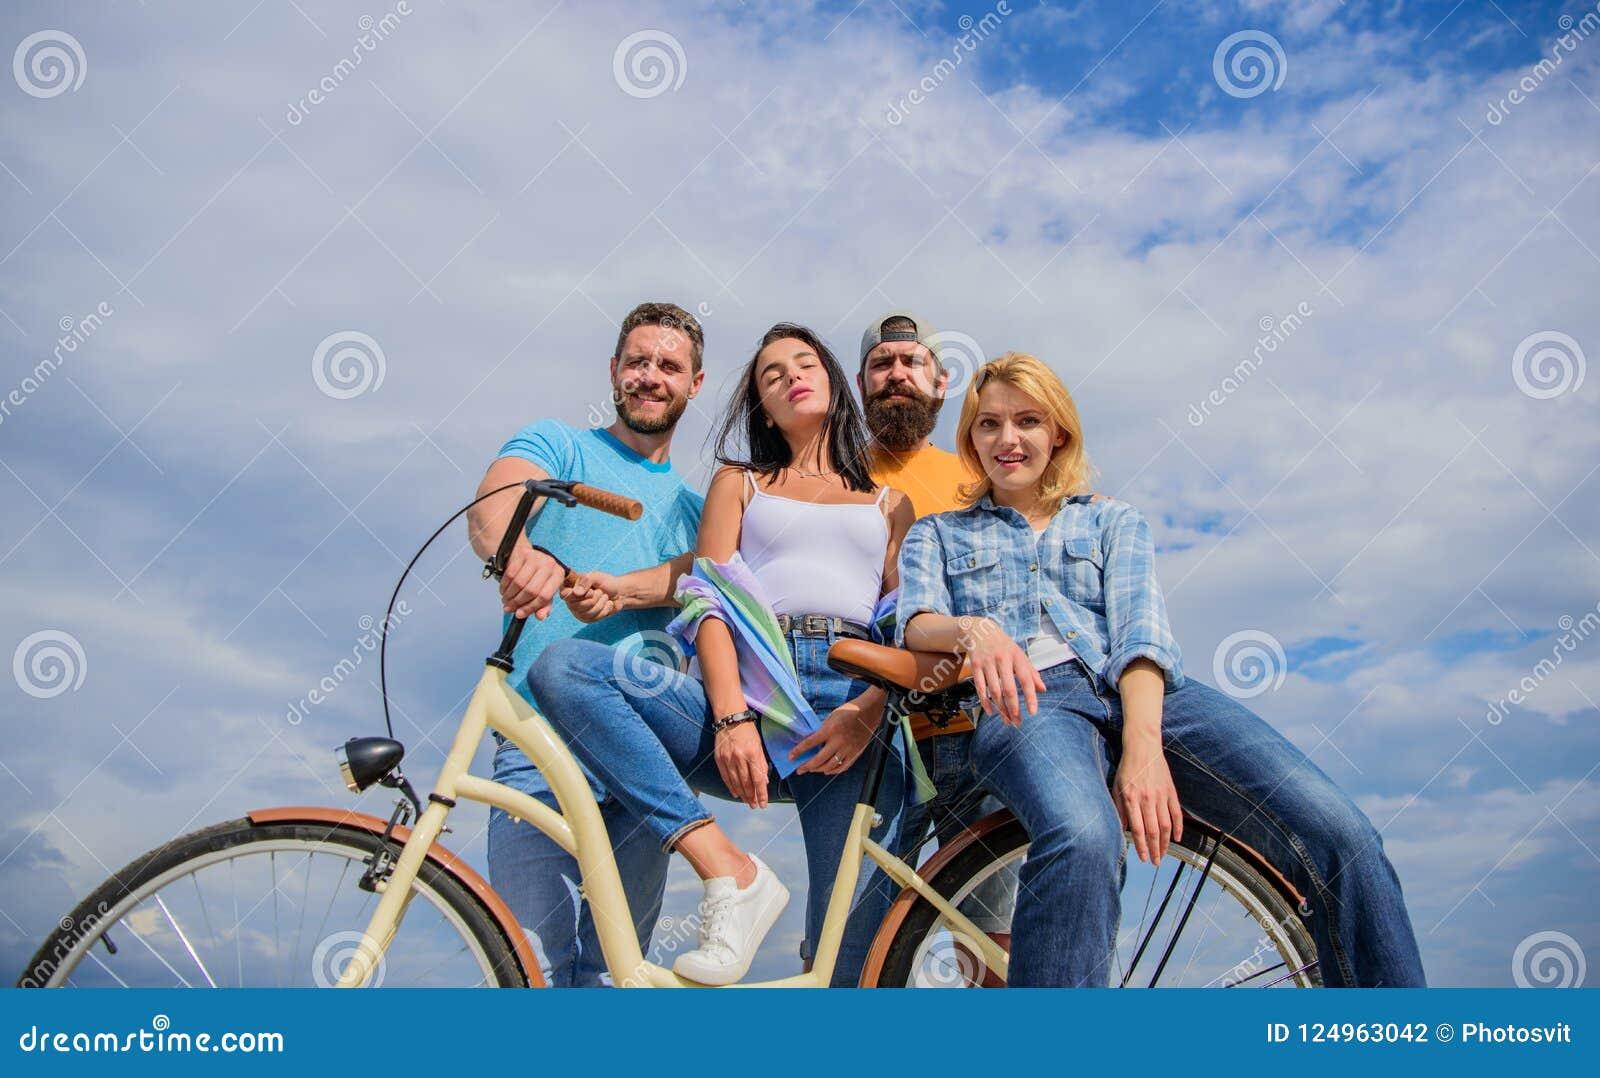 Serviço da parte ou da bicicleta do arrendamento Modernidade do ciclismo e cultura nacional Os jovens à moda da empresa gastam o